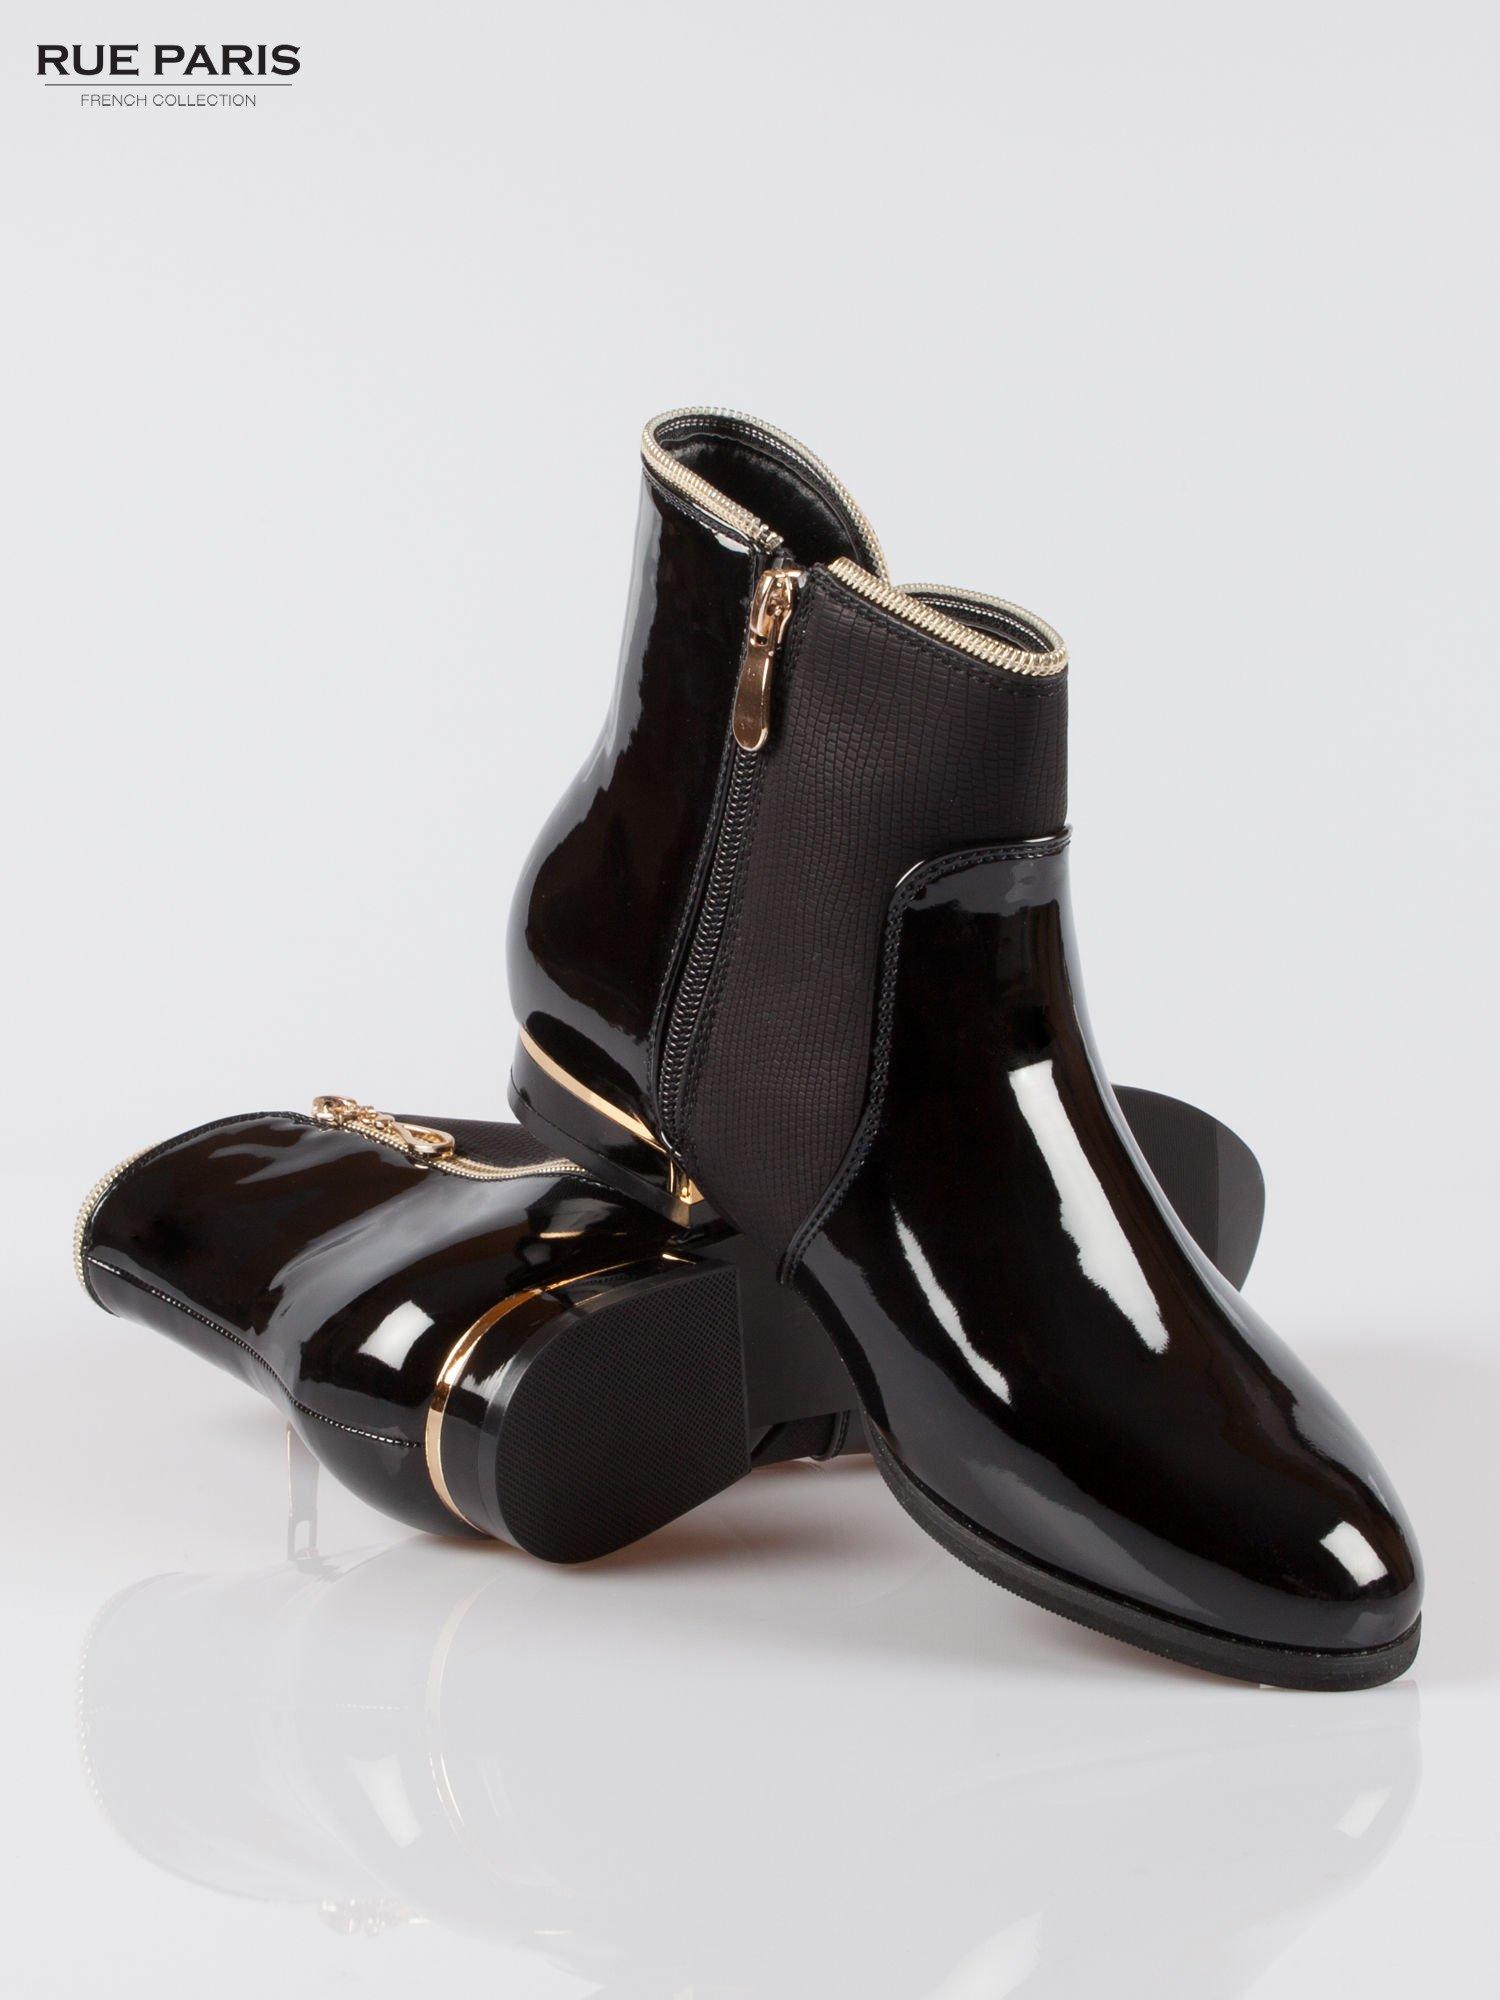 Czarne płaskie lakierowane botki ze złotym suwakiem i obcasem                                  zdj.                                  4